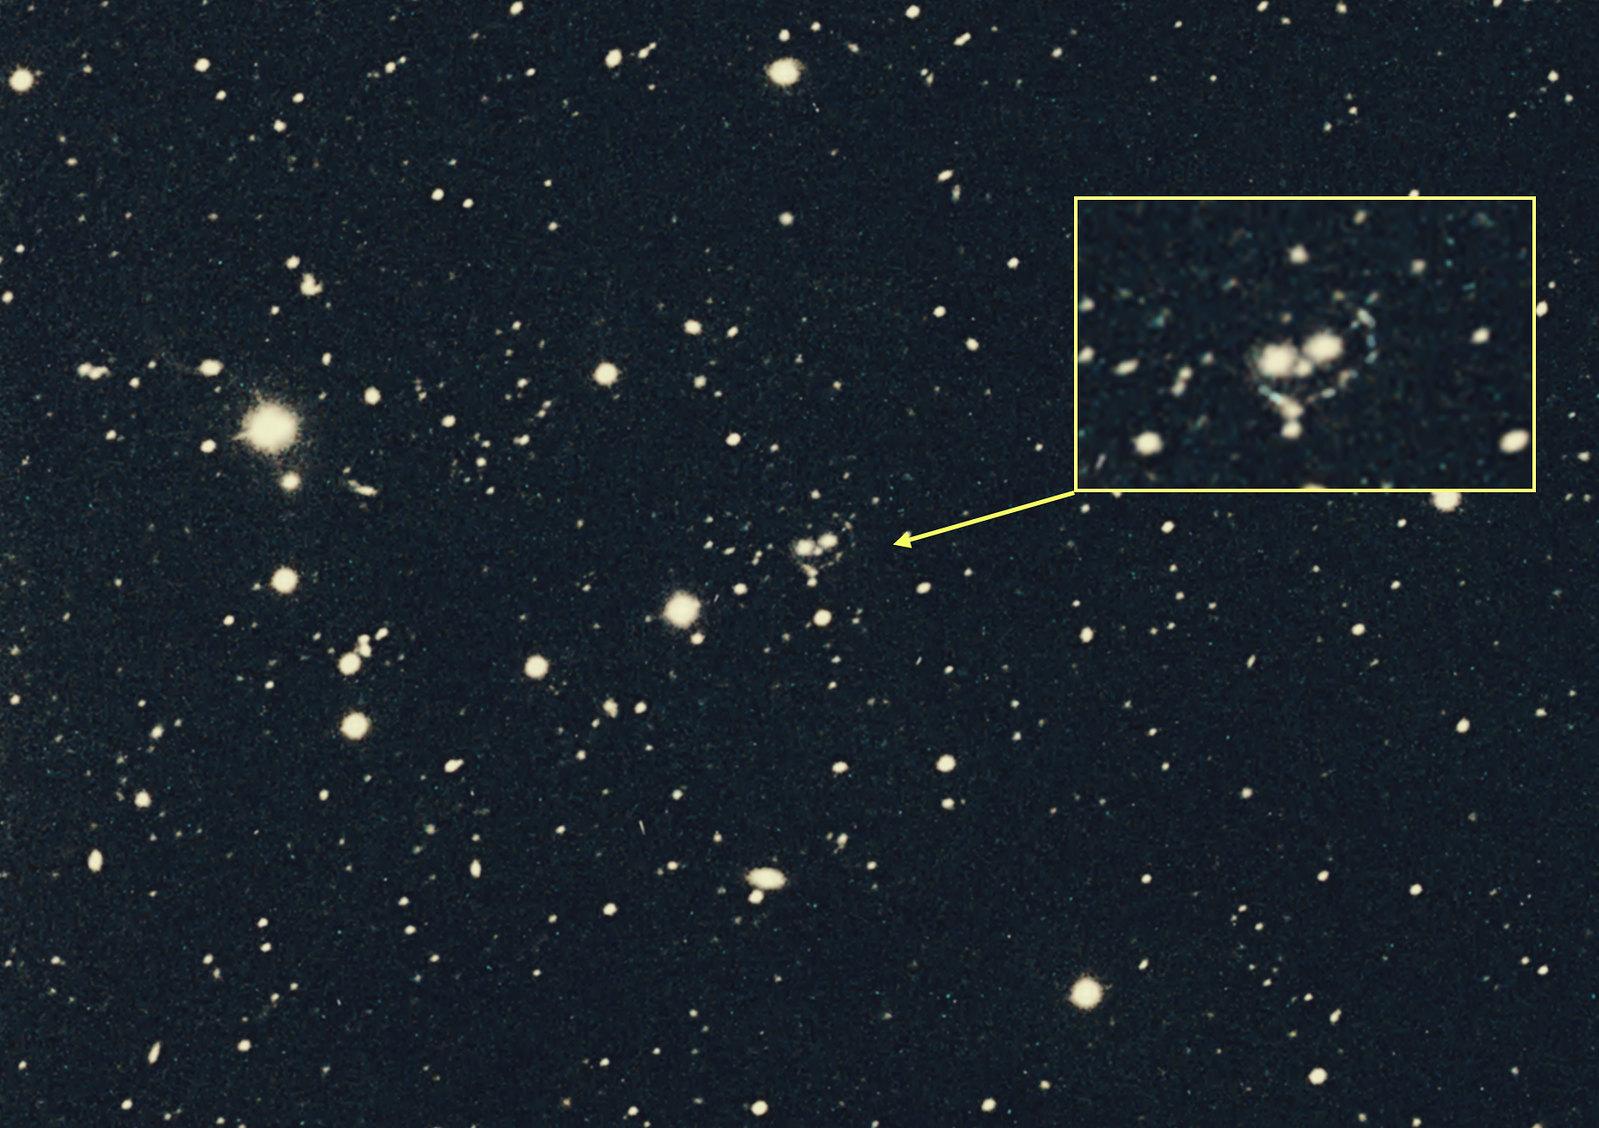 SDSSCGB 8842.3